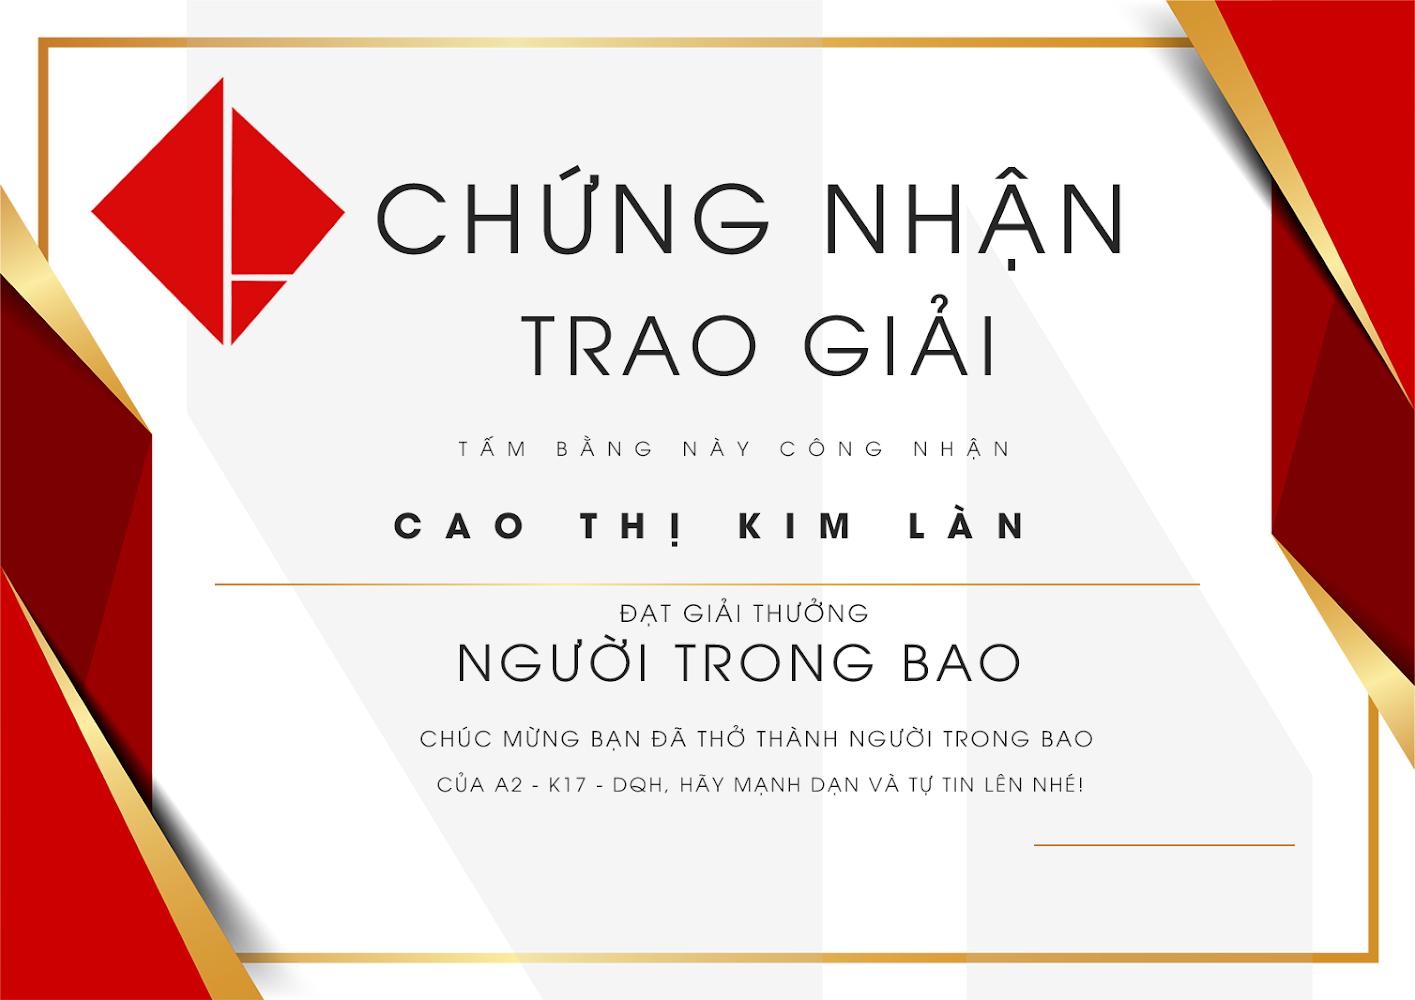 Quậy nhất lớp cũng được bằng khen tự thiết kế, học sinh Hưng Yên khiến cả dân mạng trầm trồ-9